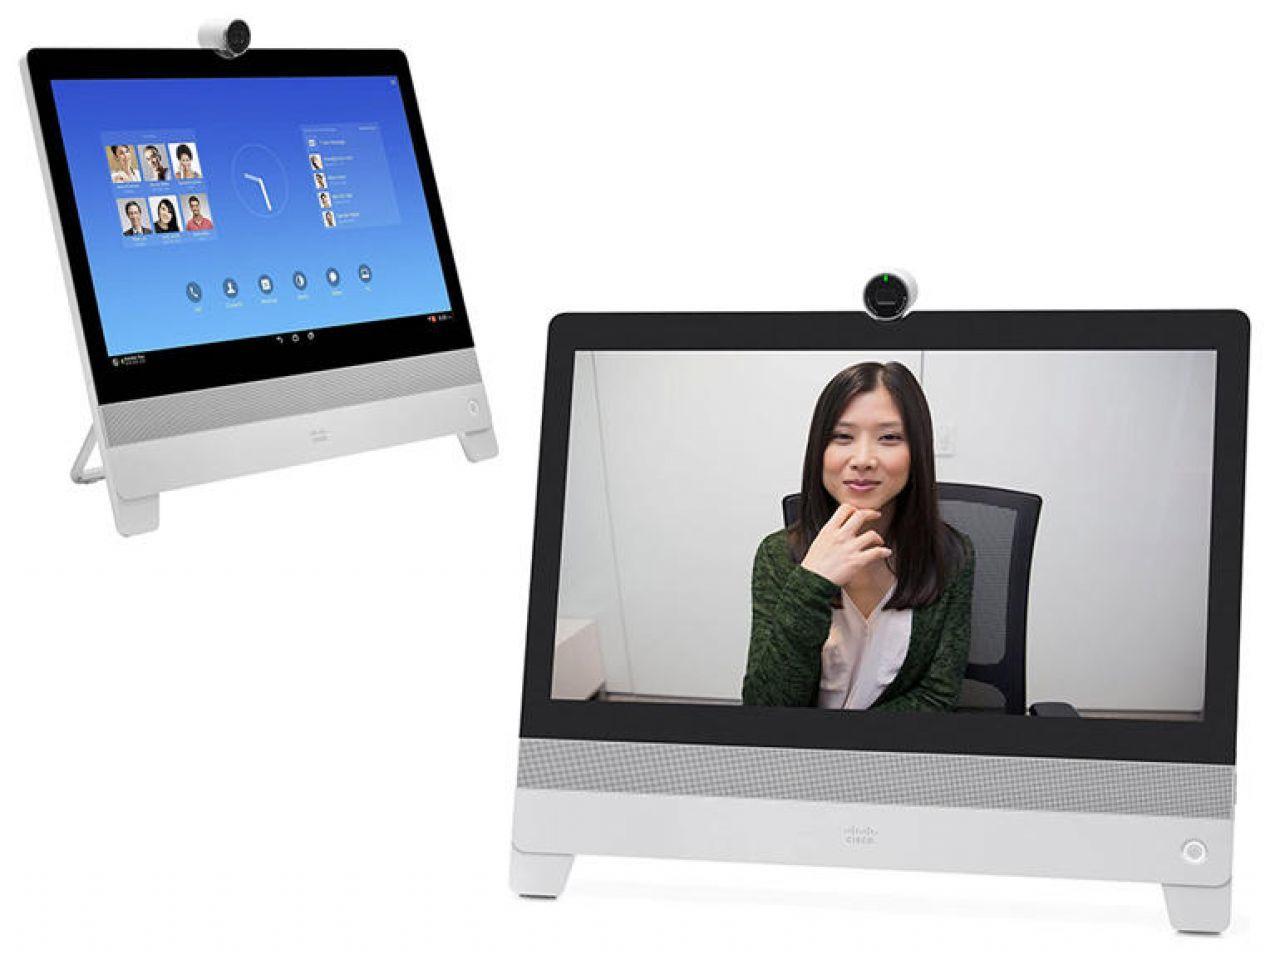 シスコ、「Webex」ビデオ会議の質向上へ--ノイズ除去技術のBabbleLabs買収発表 - ZDNet Japan